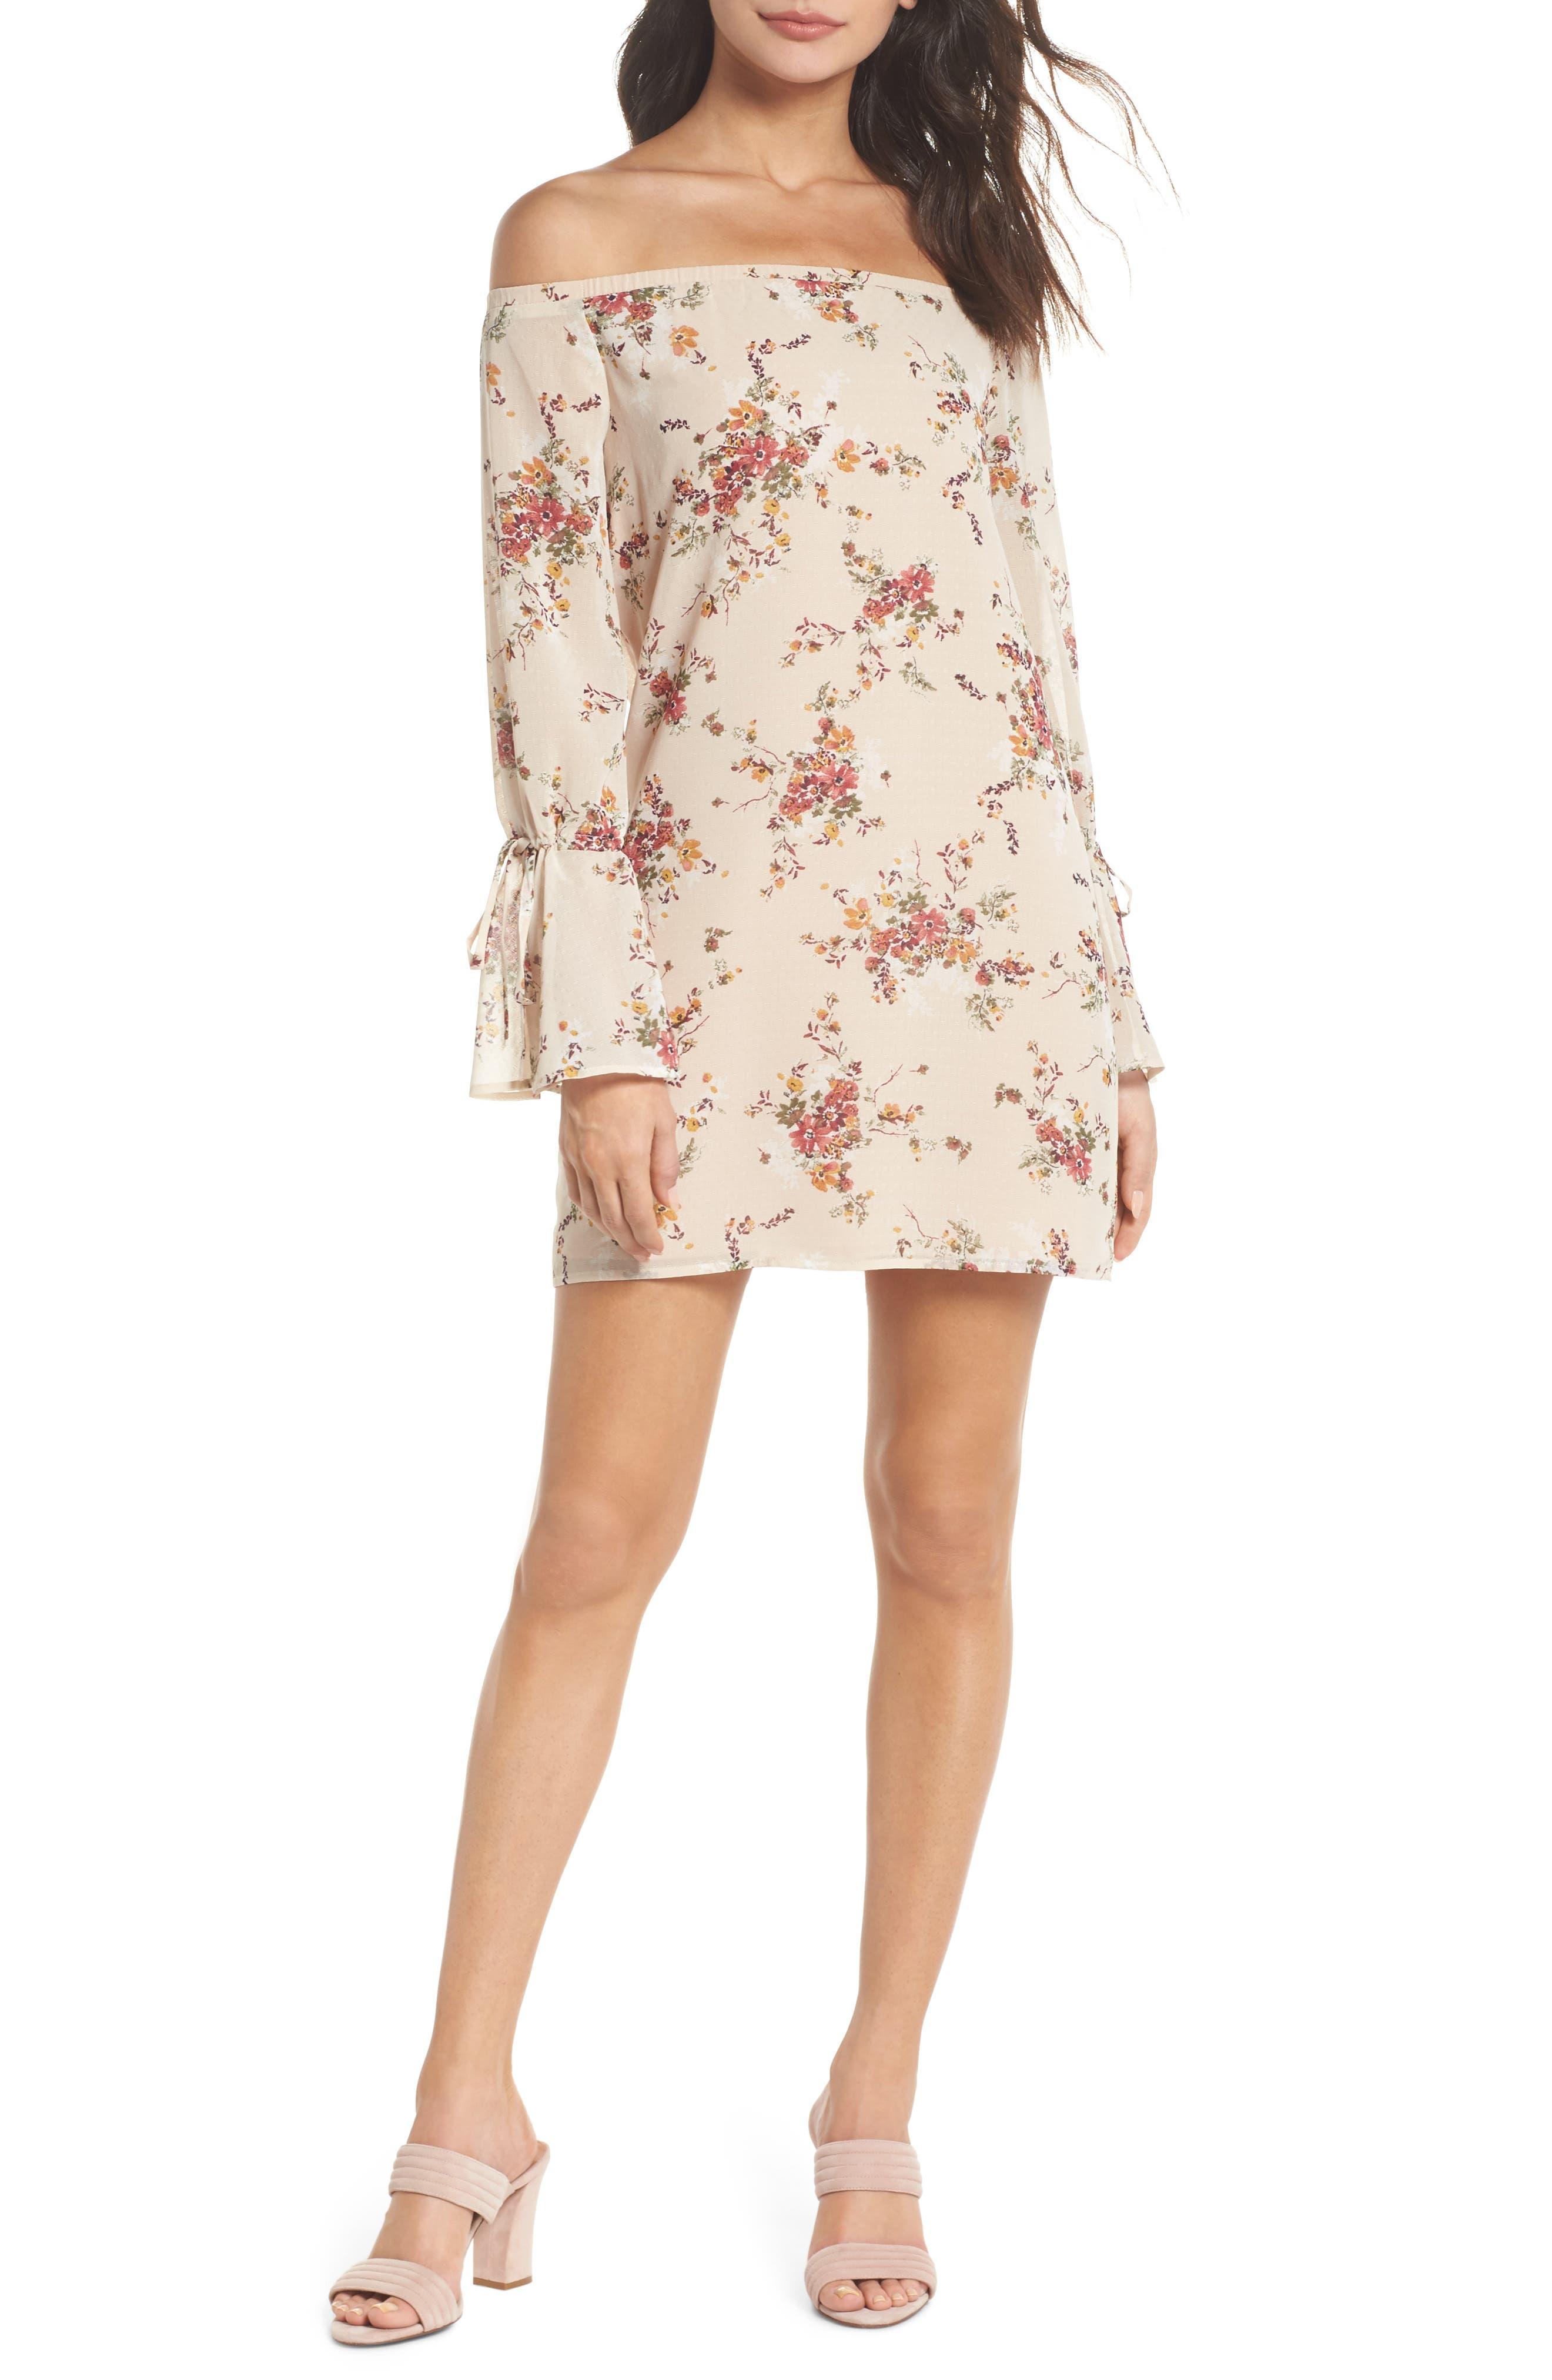 It's Love Floral Off the Shoulder Shift Dress,                         Main,                         color, Crme Vintage Bouquet